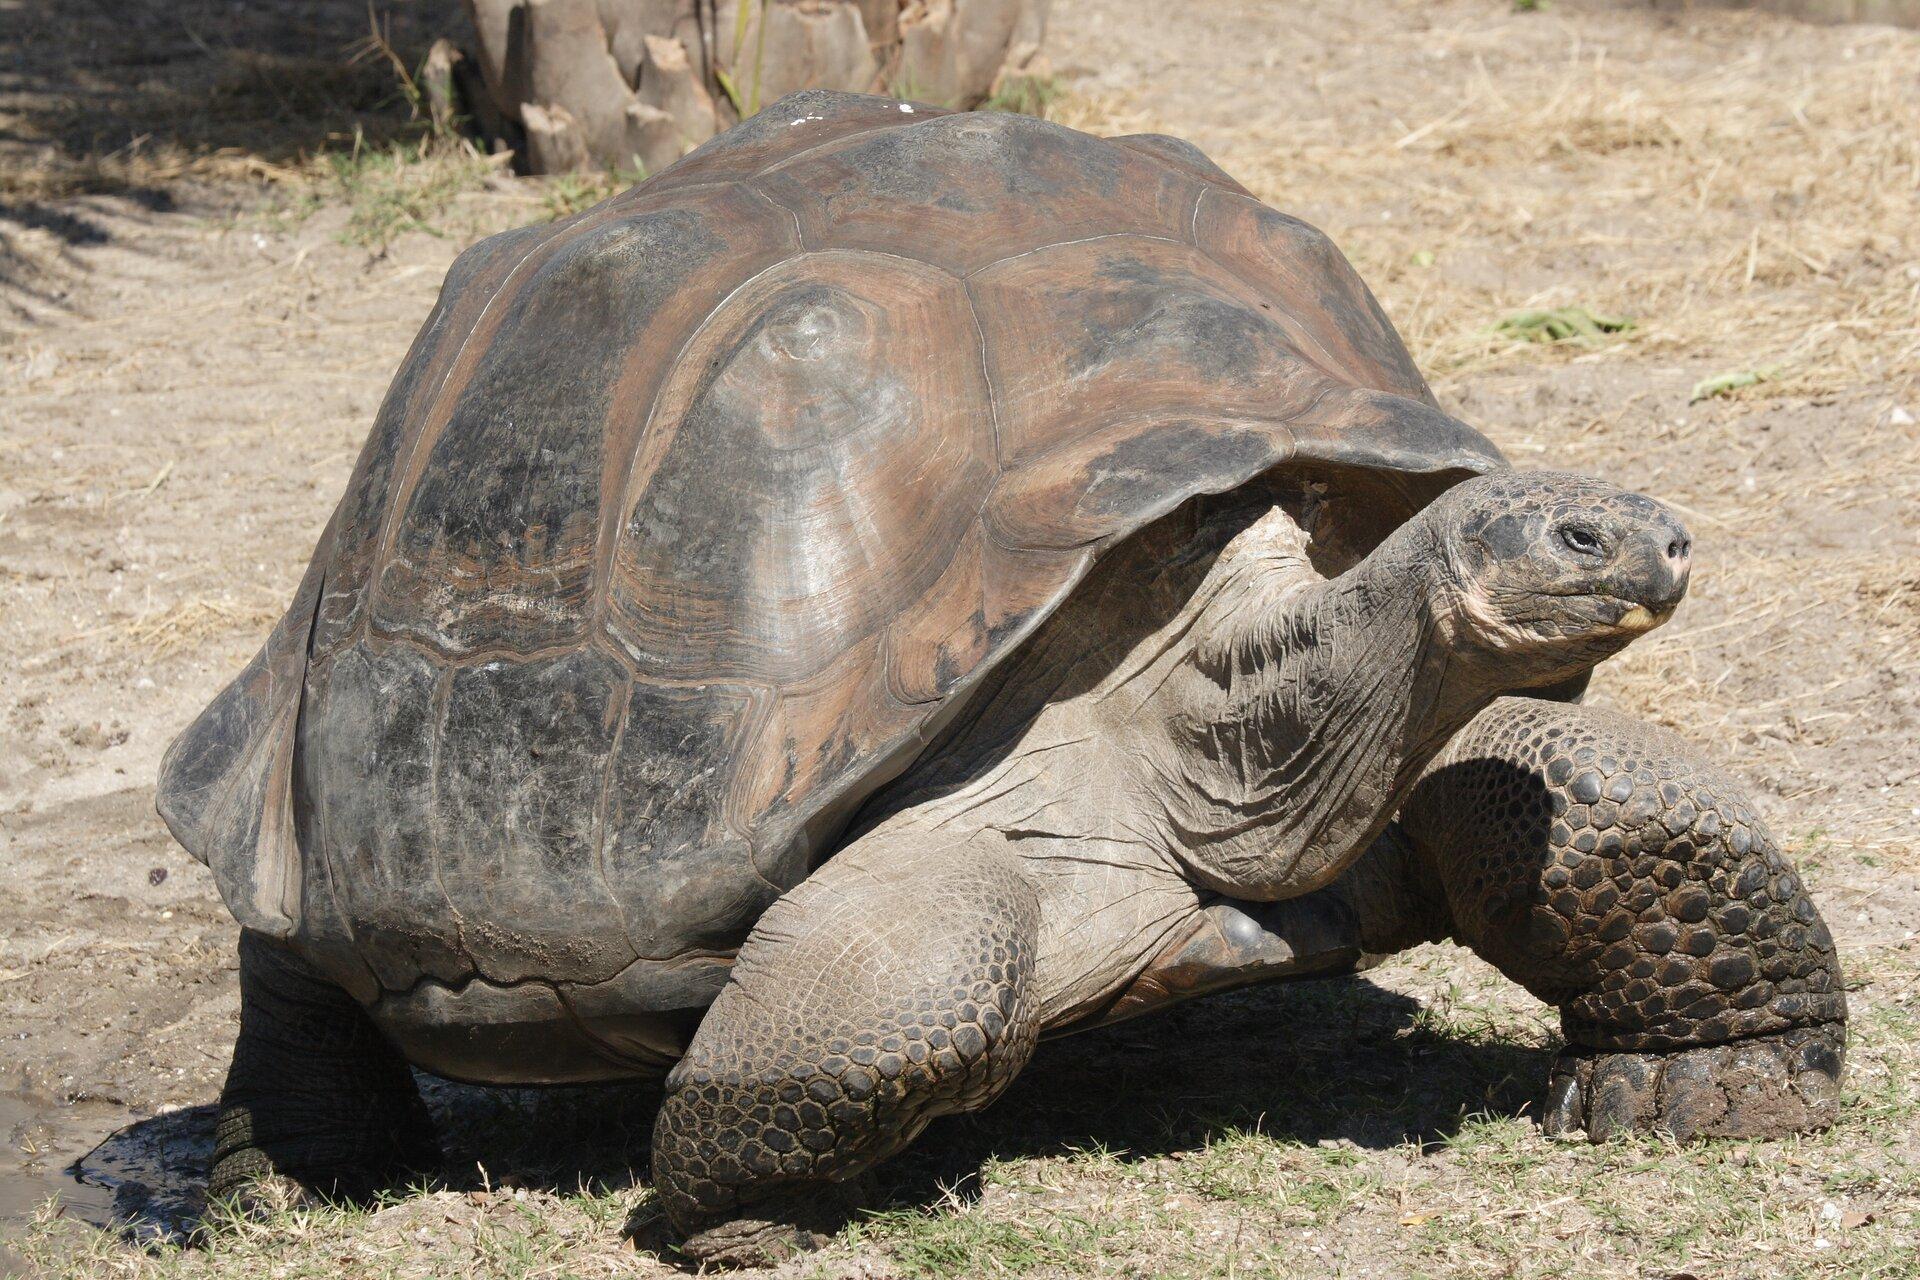 Fotografia przedstawia zbliżenie szarobrązowego żółwia słoniowego. Stoi na wyschniętej ziemi, wsłońcu. Spod kopulastej skorupy wystaje mała owalna głowa na cienkiej, pomarszczonej szyi, bokiem wprawo. Czarne oko wobwódce skóry lekko ukośne. Zprzodu głowy otwory nozdrzy, pysk zamknięty. Poniżej zgięte wprzód masywne nogi, palce złączone, skierowane do siebie. Na pancerzu wielokątne wzory, przypominające muszle.